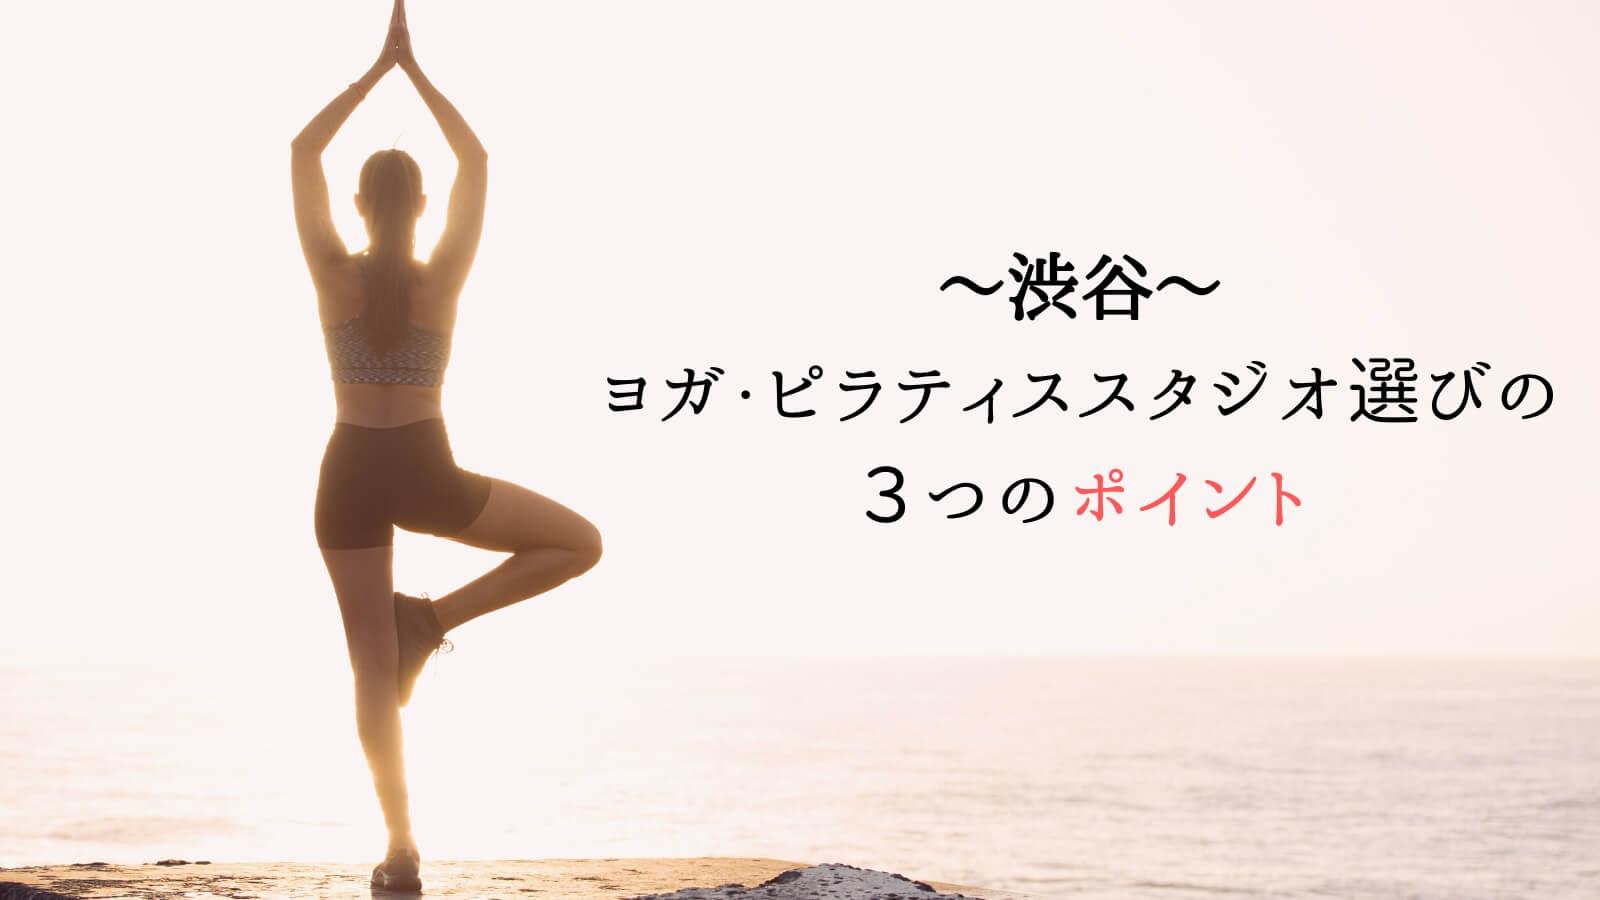 渋谷でのヨガ・ピラティススタジオ選びの3つのポイント